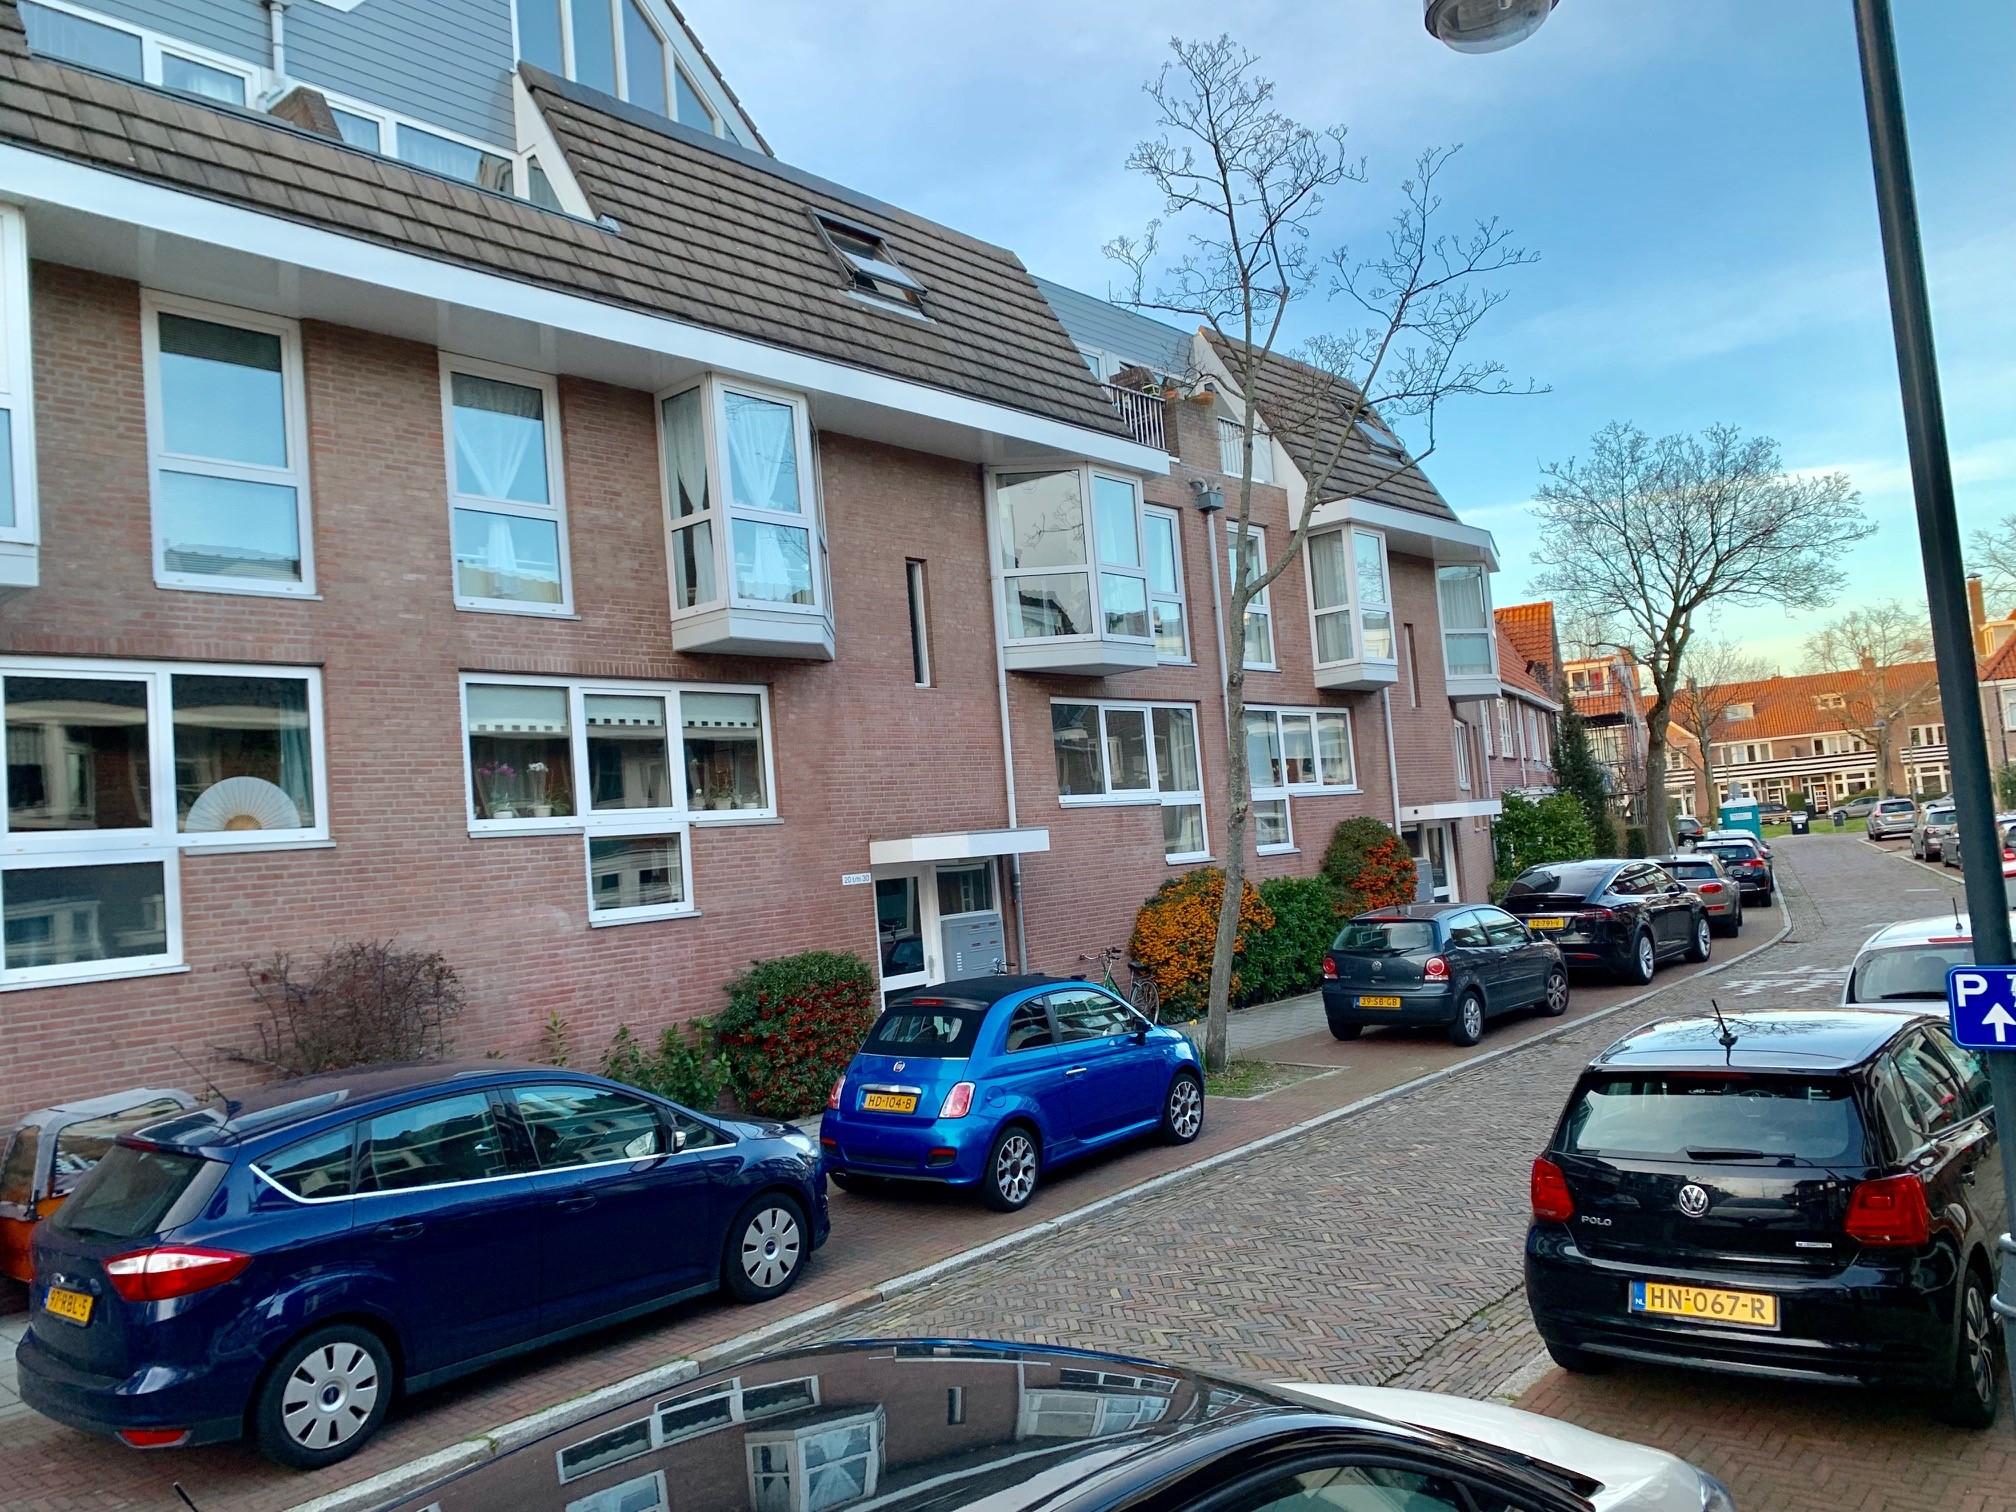 Previnairestraat 20, Haarlem